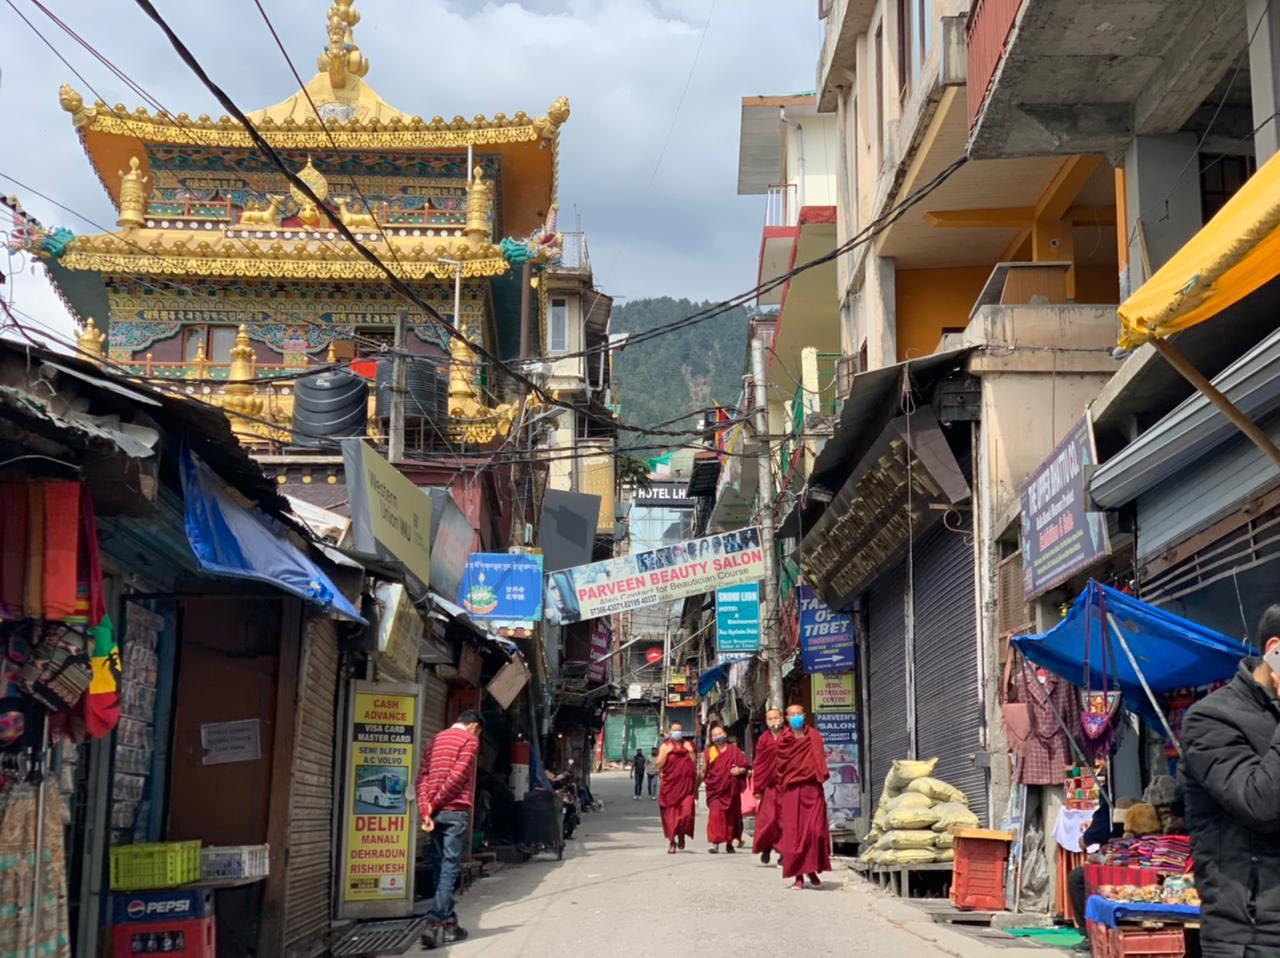 欧洲流亡藏人向印度与尼泊尔的藏人捐款援助防疫计划